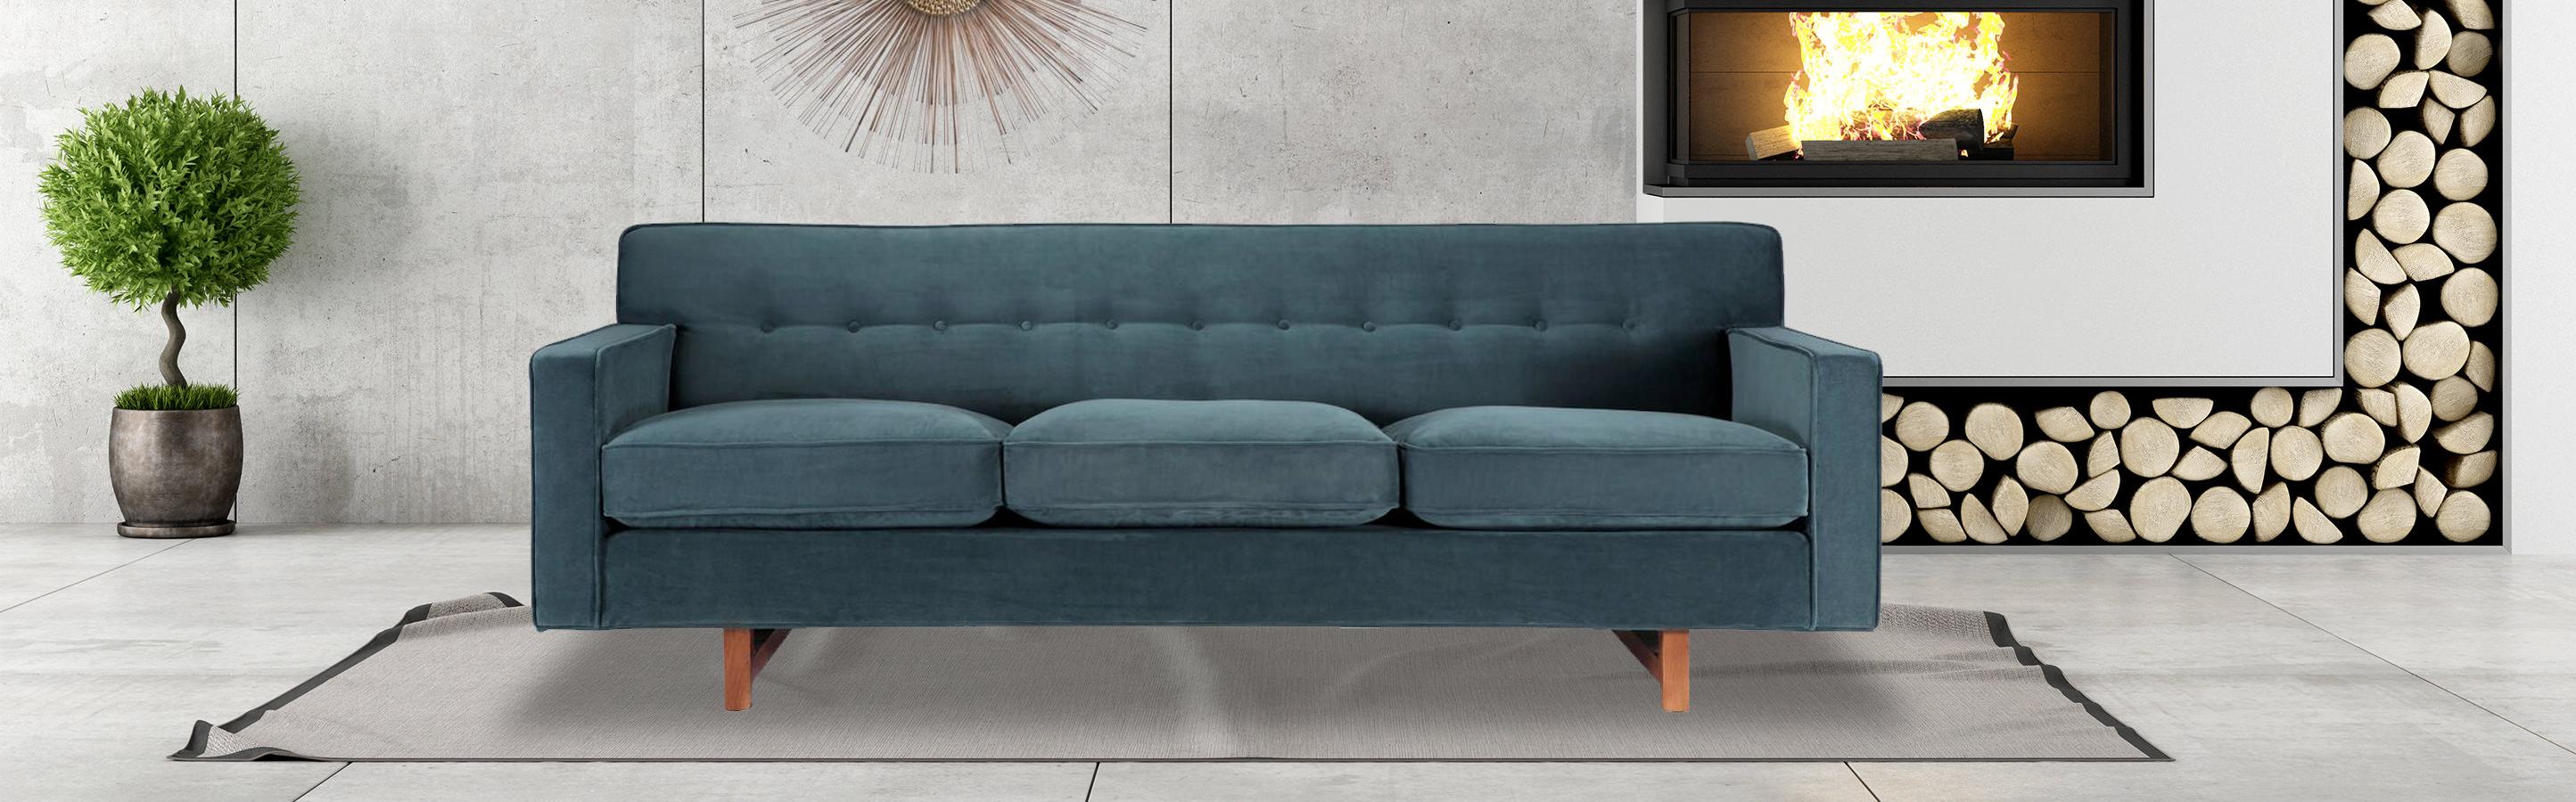 Kennedy Mid Century Modern Sofa